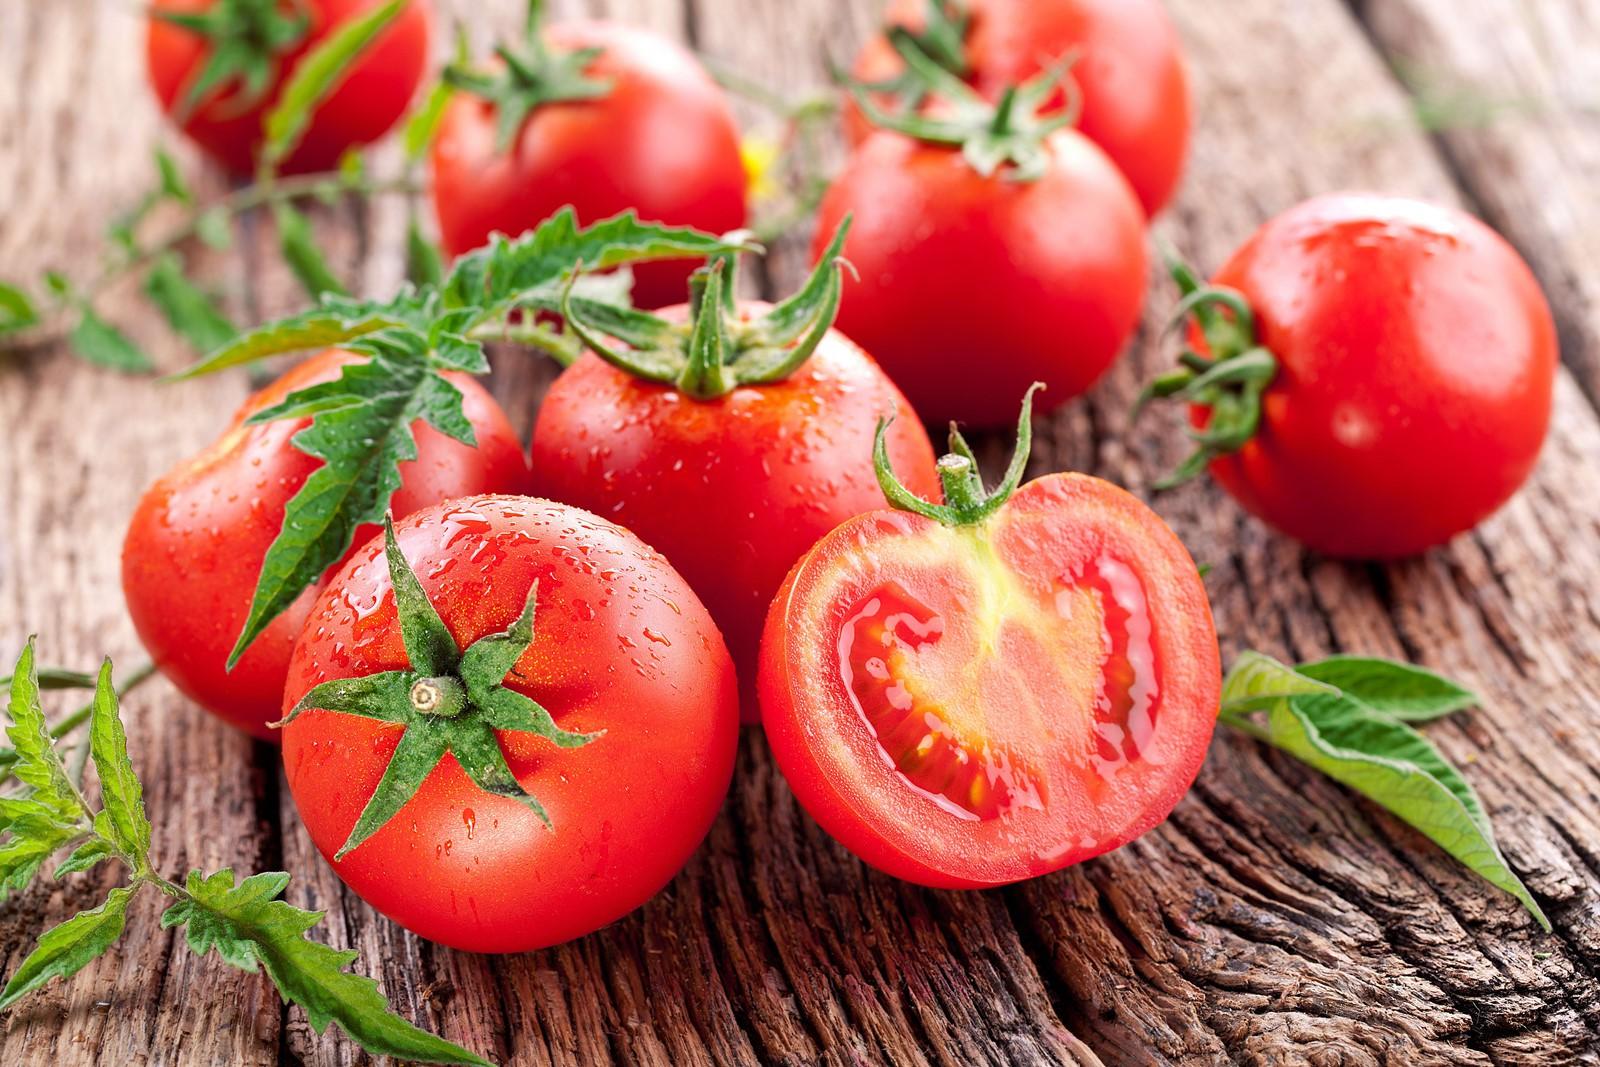 Những loại trái cây ít đường dành cho người có vấn đề về đường huyết - Ảnh 6.